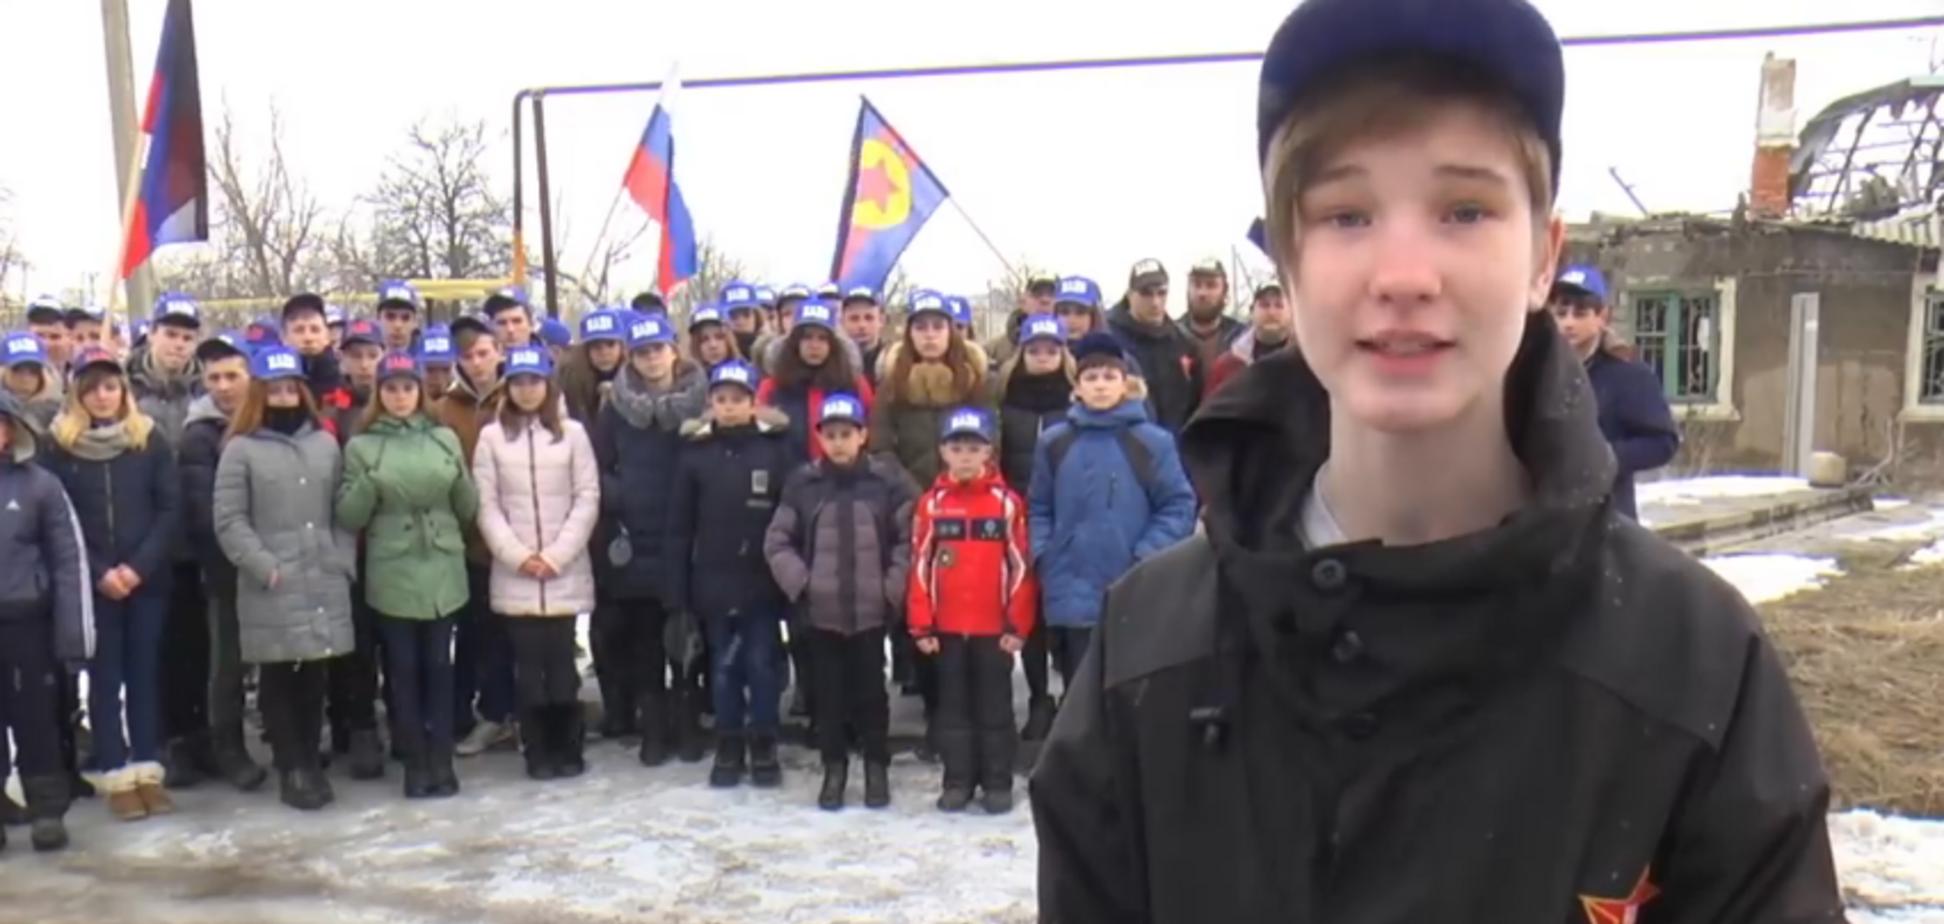 'Ад какой!' Фанаты СССР устроили 'безумные эксперименты' над детьми Донбасса